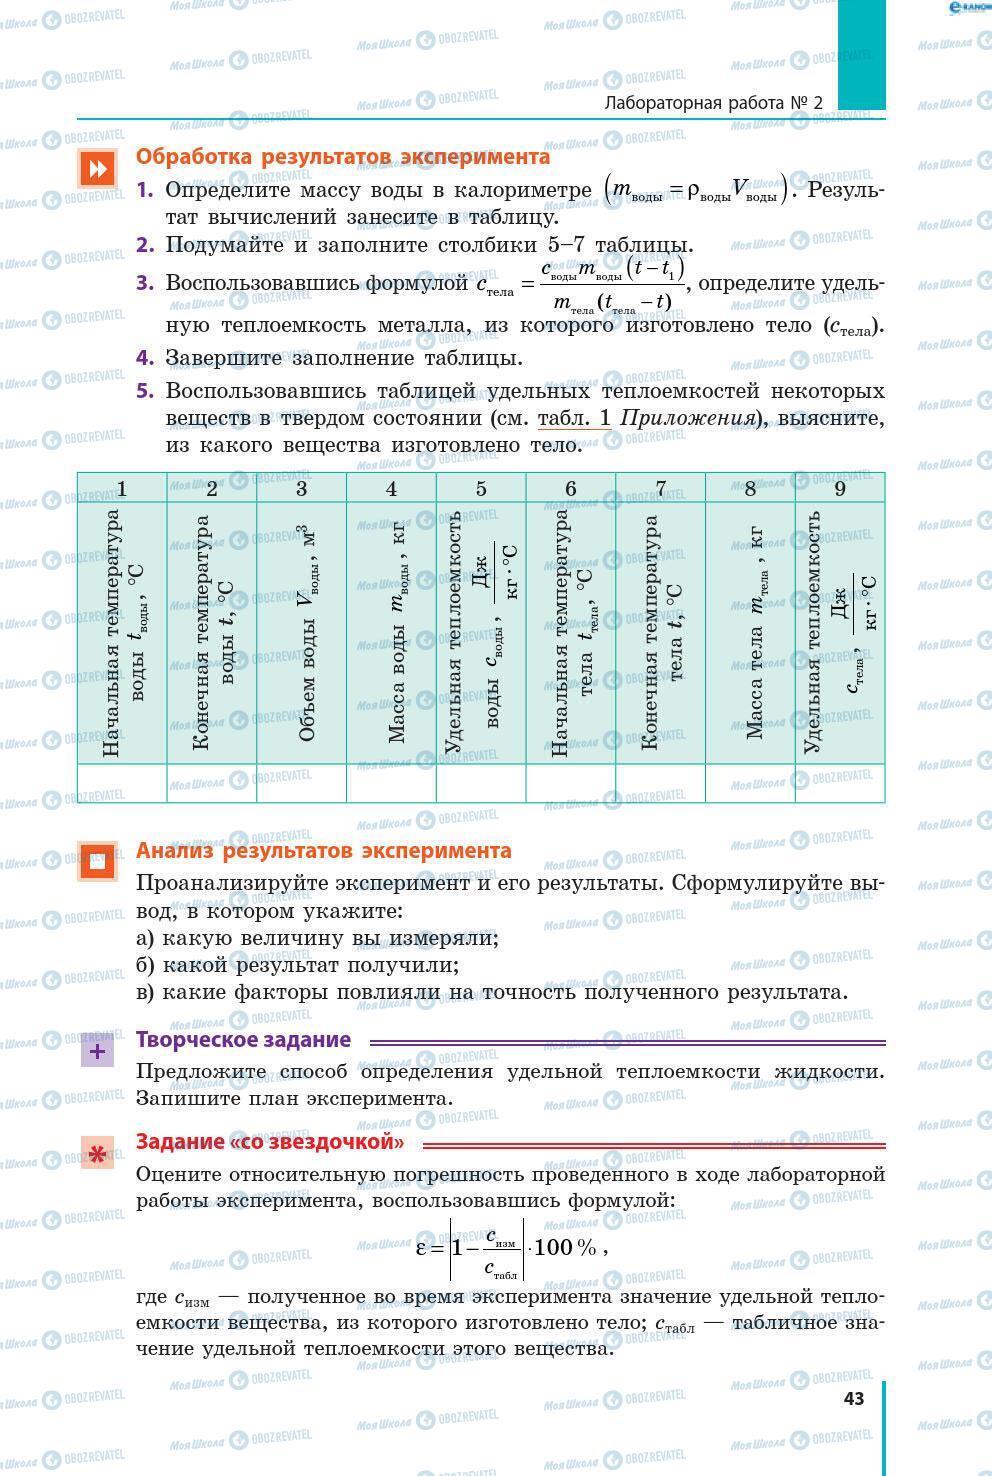 Підручники Фізика 8 клас сторінка 43